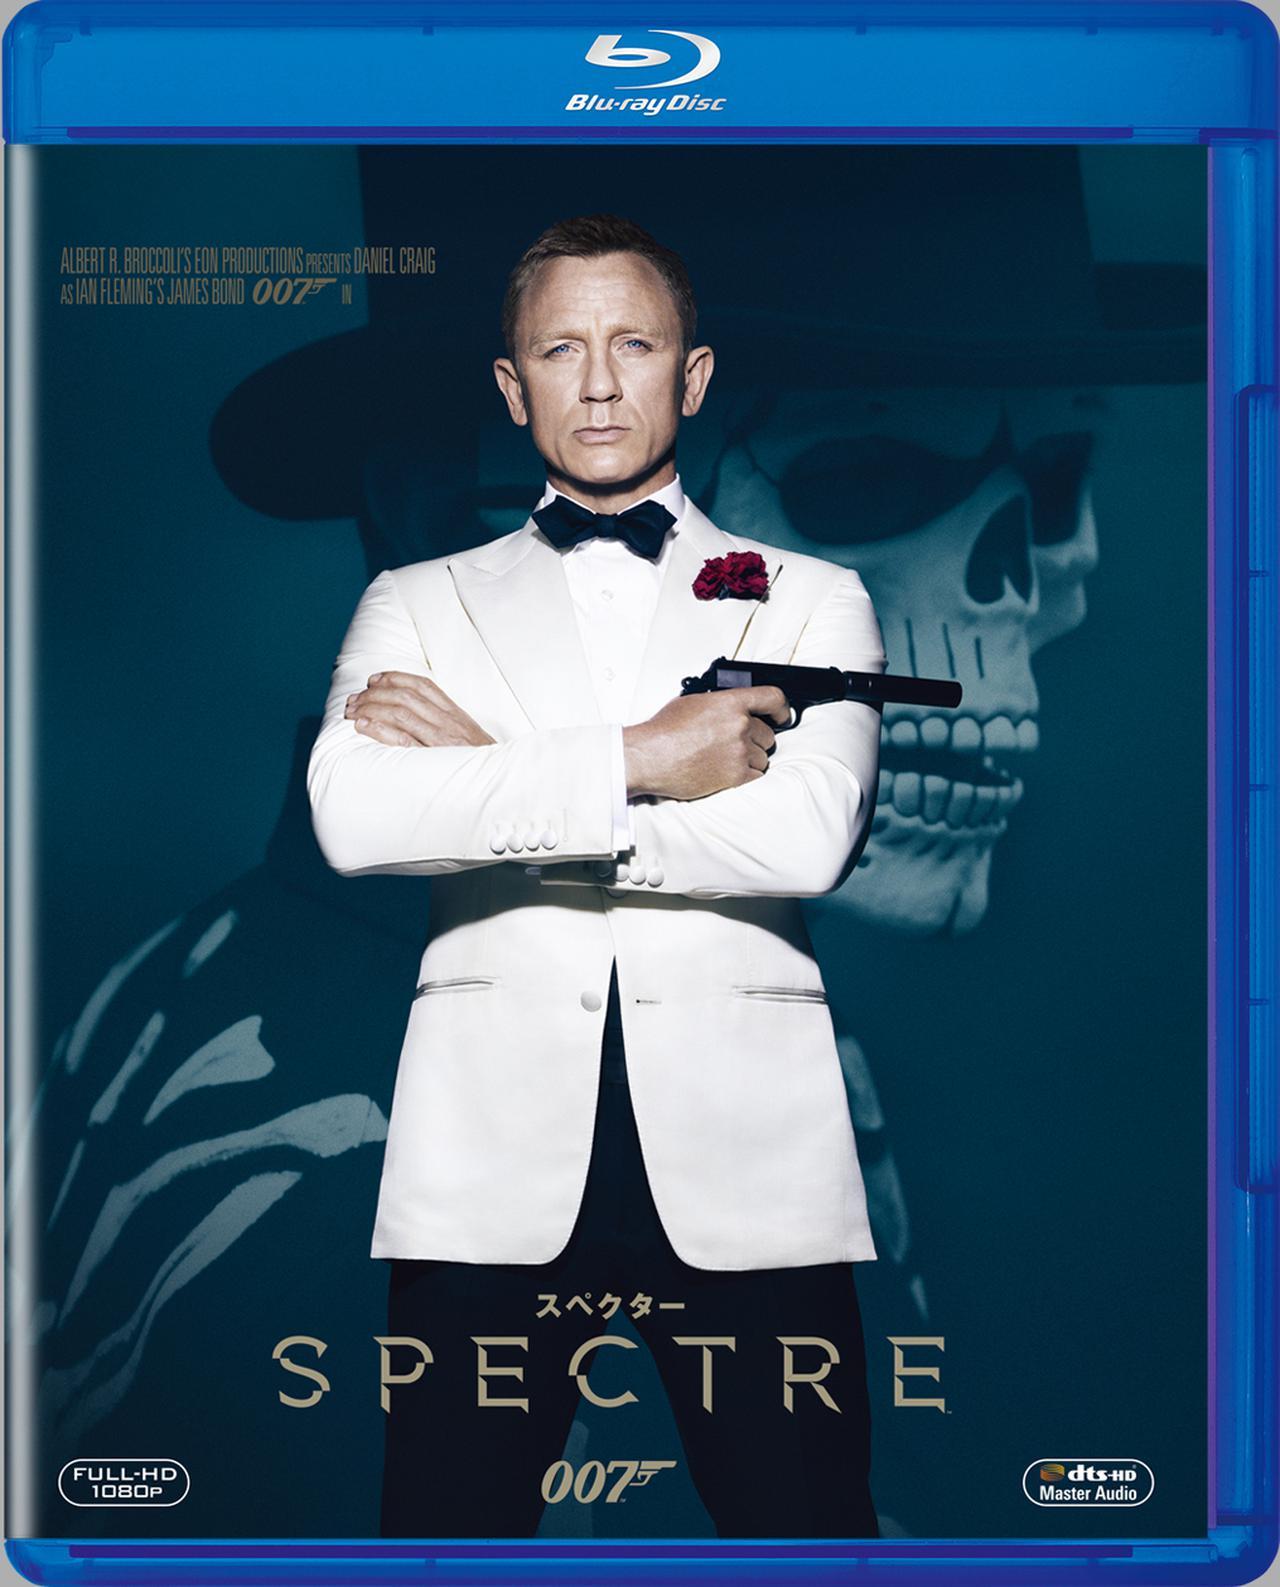 画像4: 新作を観る前にプレイバック!ダニエル・クレイグ版007の道のりとは?